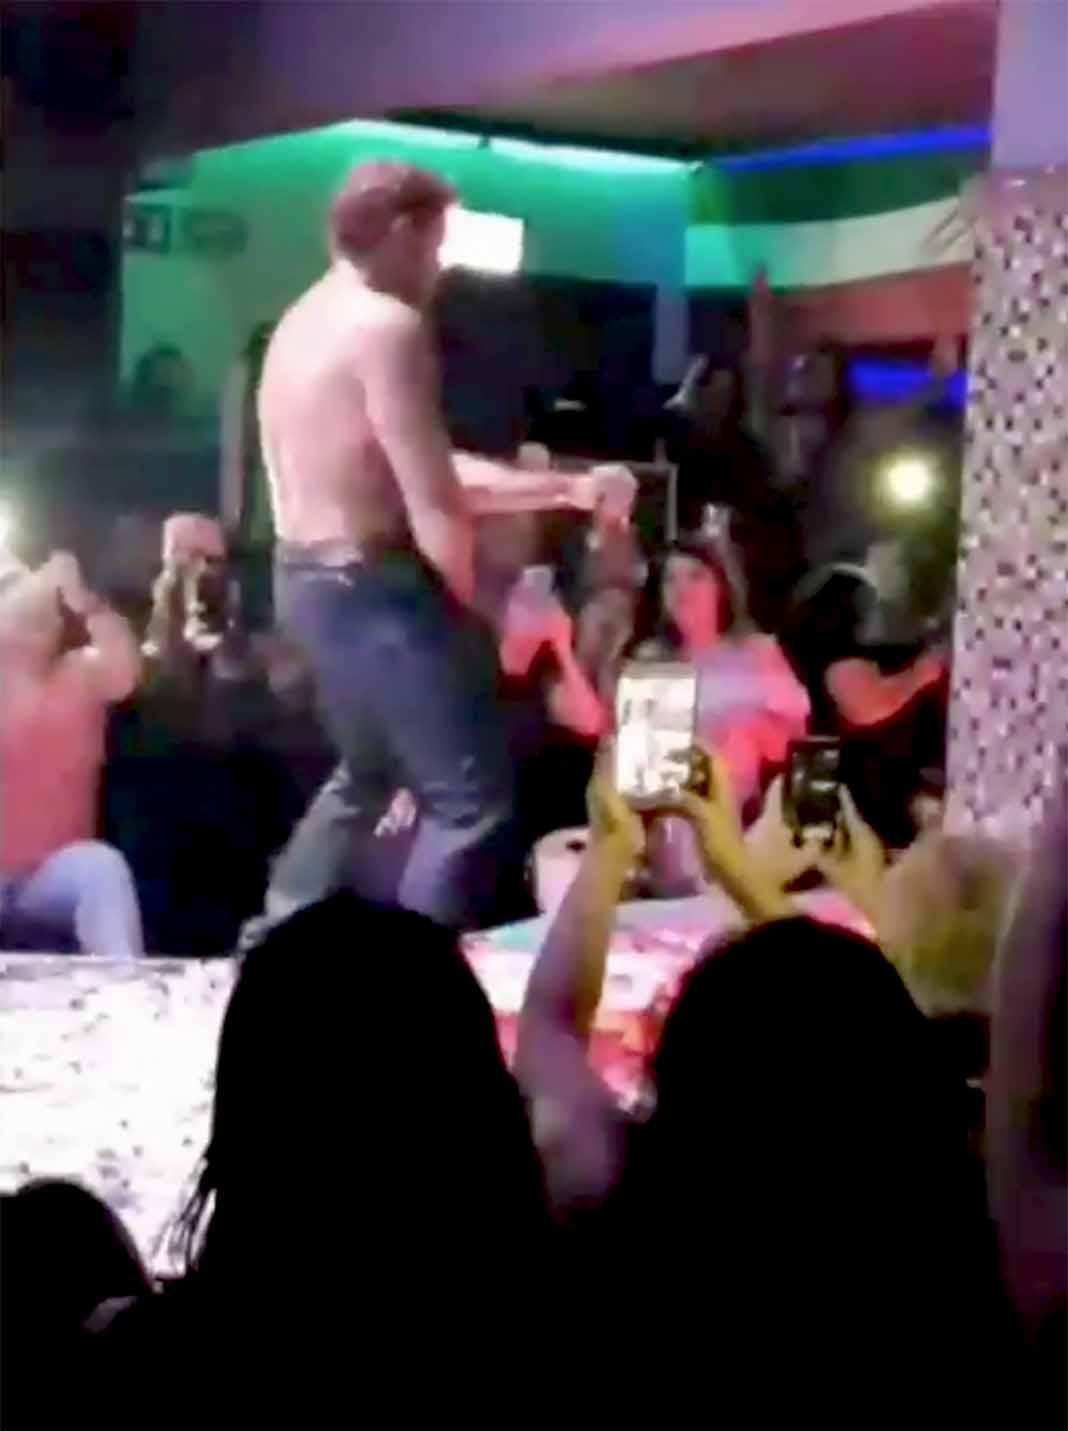 Hizo unos pasos de stripper causando revuelo entre las mujeres